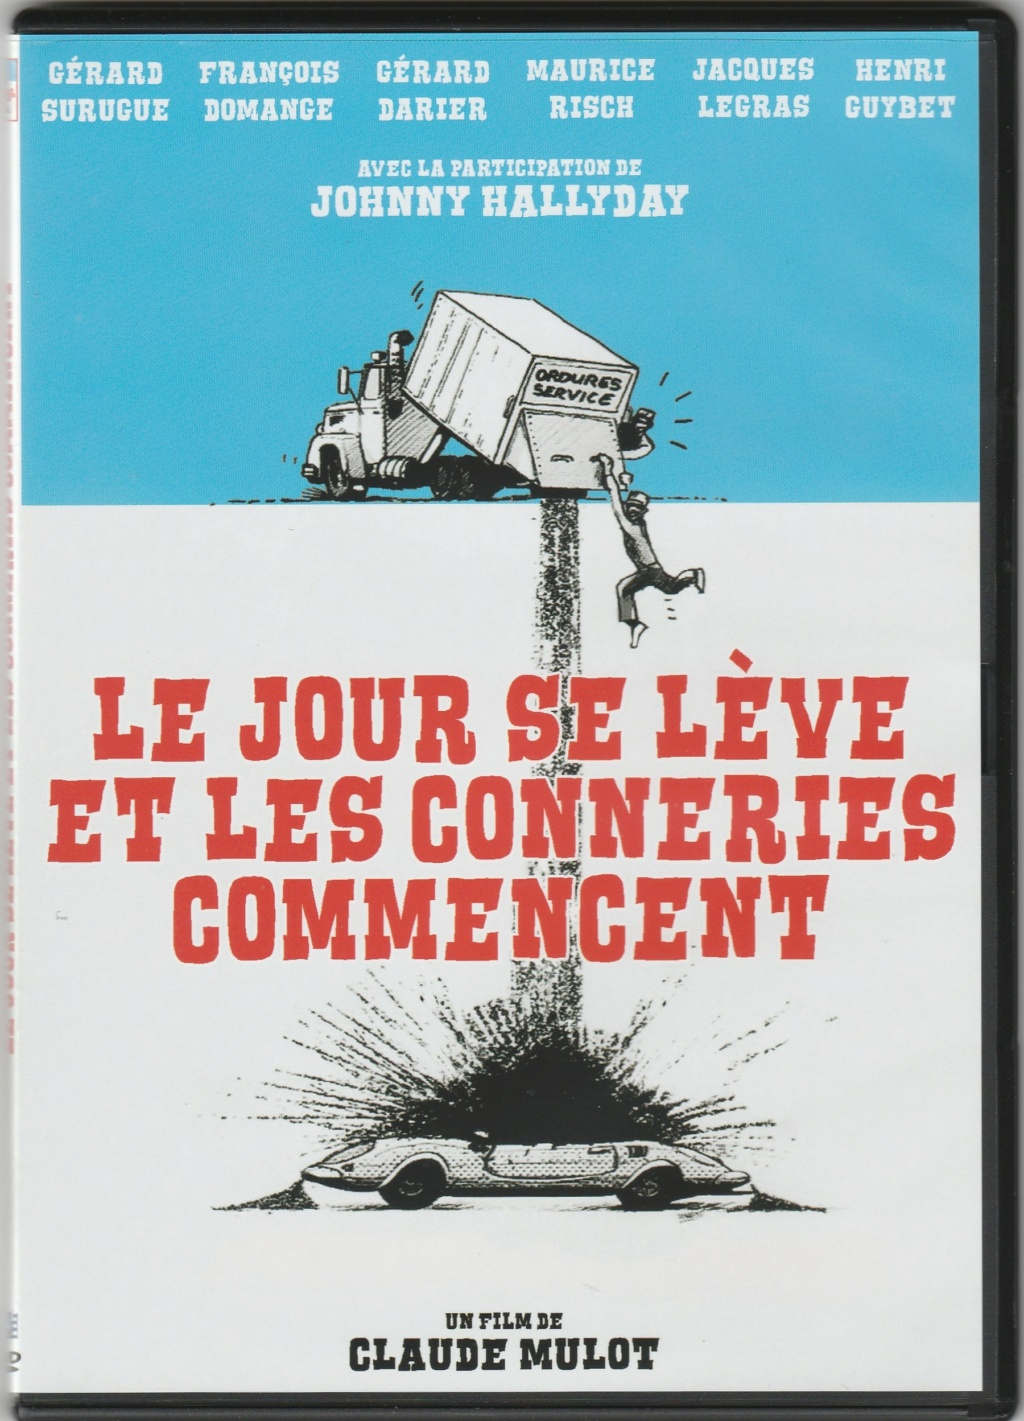 JAQUETTE DVD FILMS ( Jaquette + Sticker ) - Page 2 1981_l13